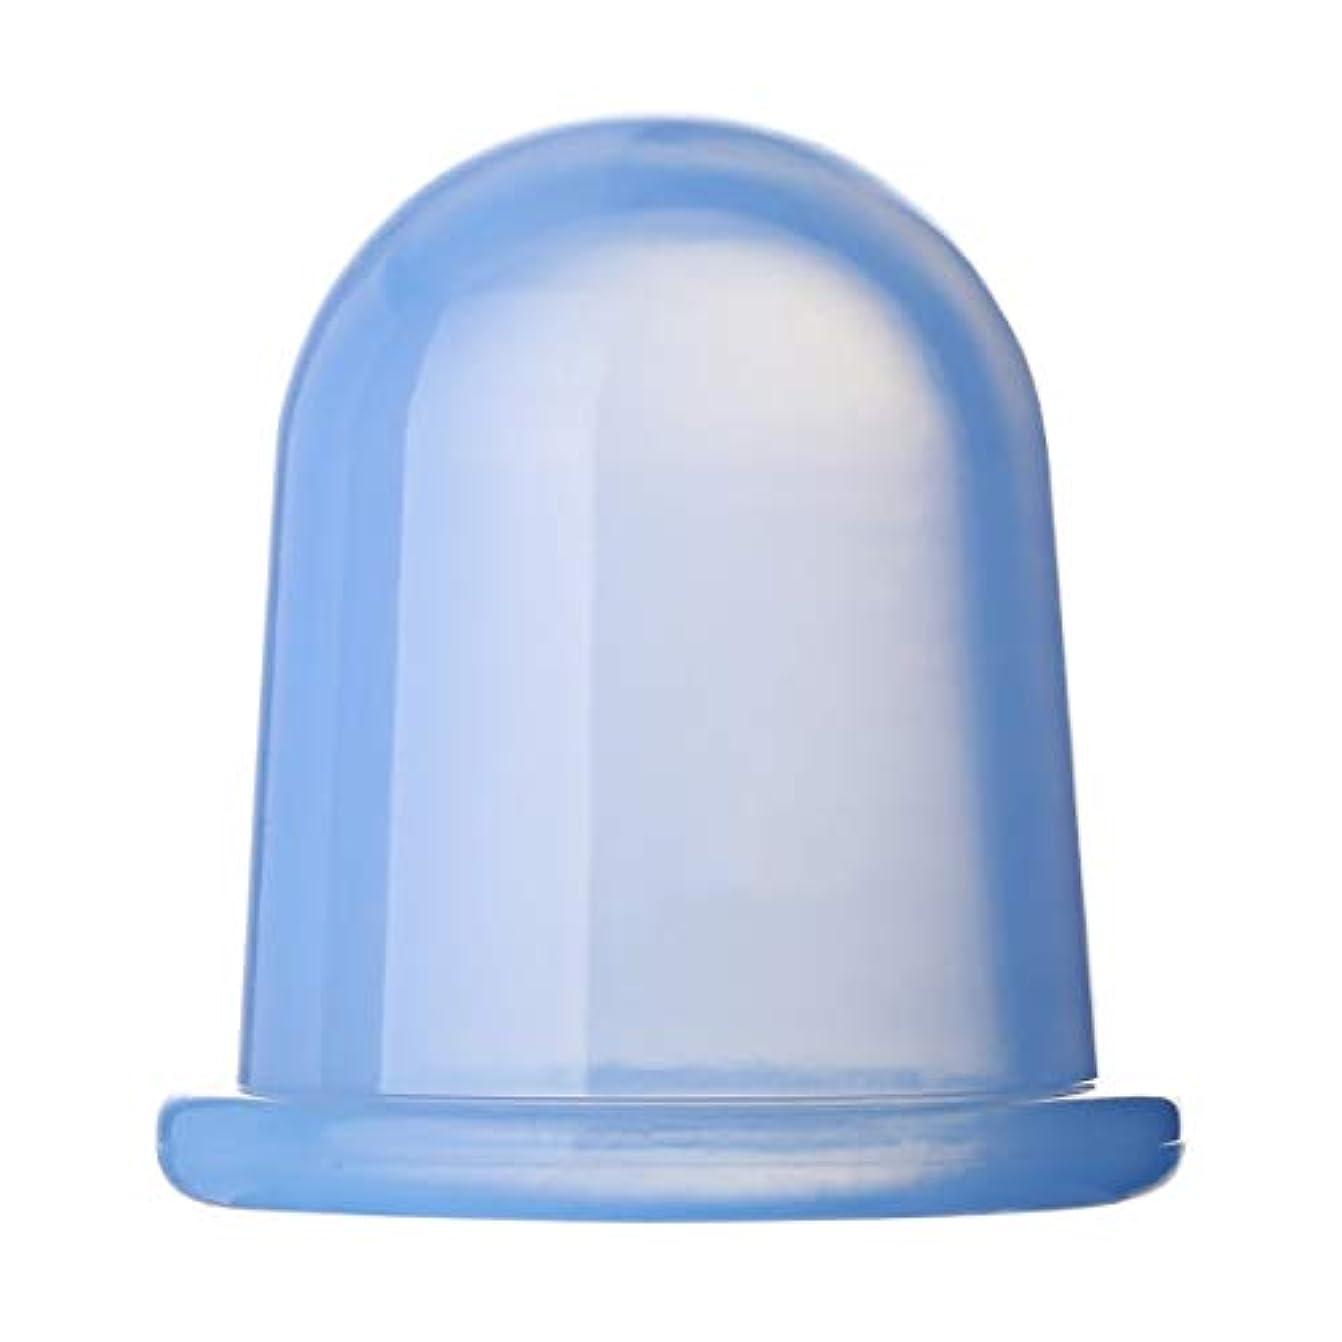 大声でもし幽霊耐久性のあるヘルスケア全身真空マッサージシリコーンカップアンチセルライトは、家族のための物理的疲労ストレスを和らげます - ブルー